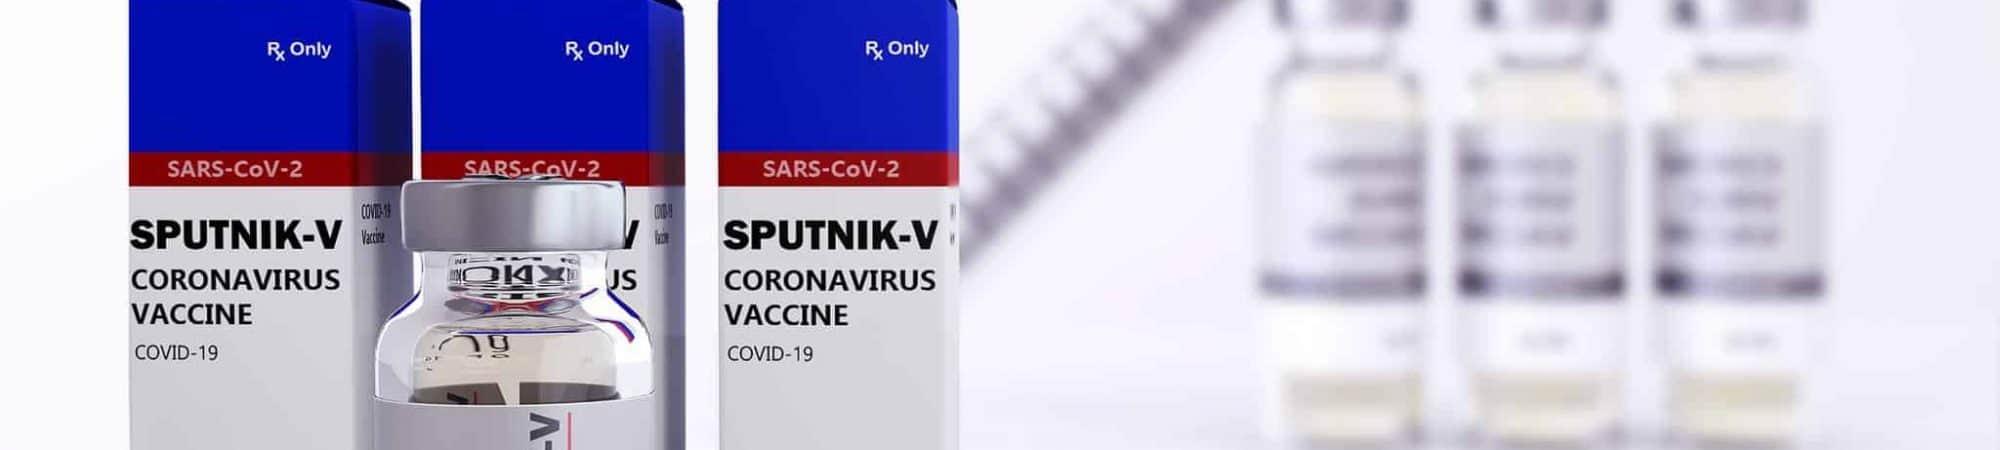 ampolas com a vacina sputnik